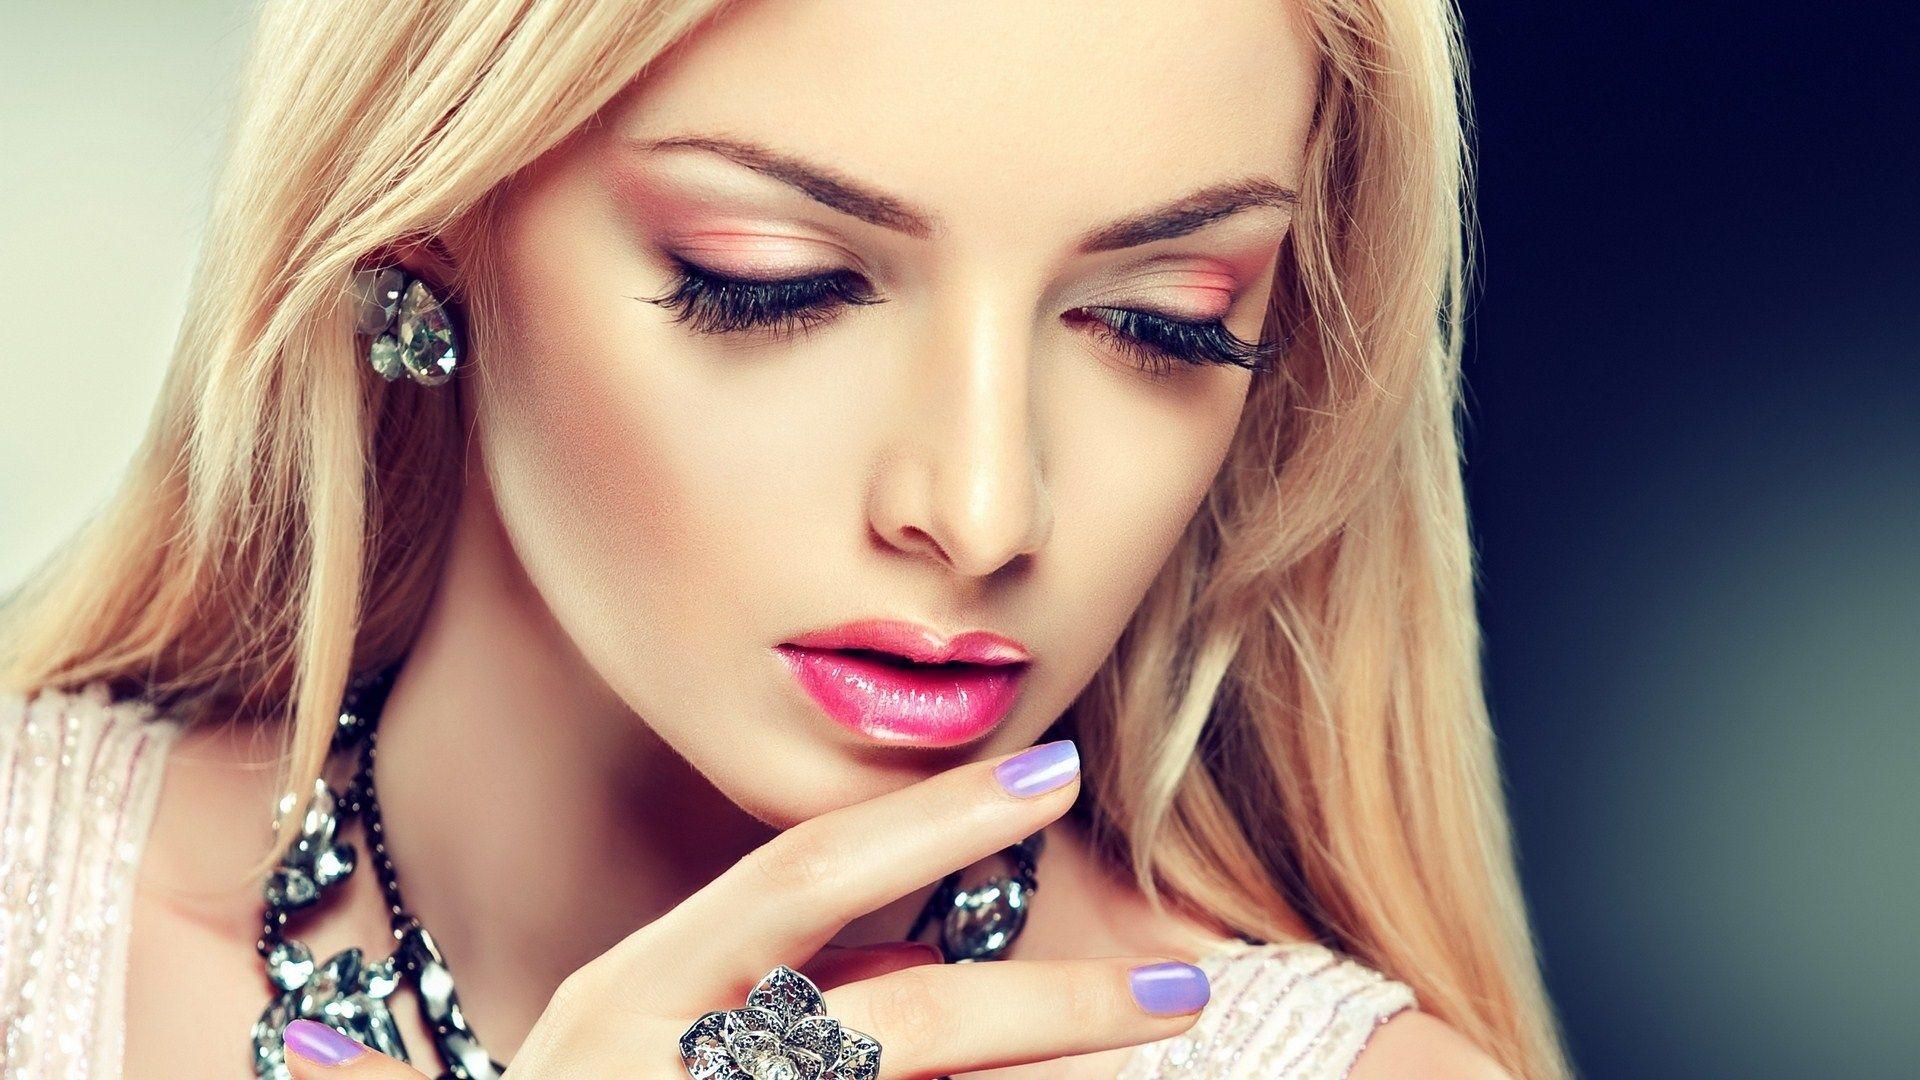 Res: 1920x1080, Girls makeup